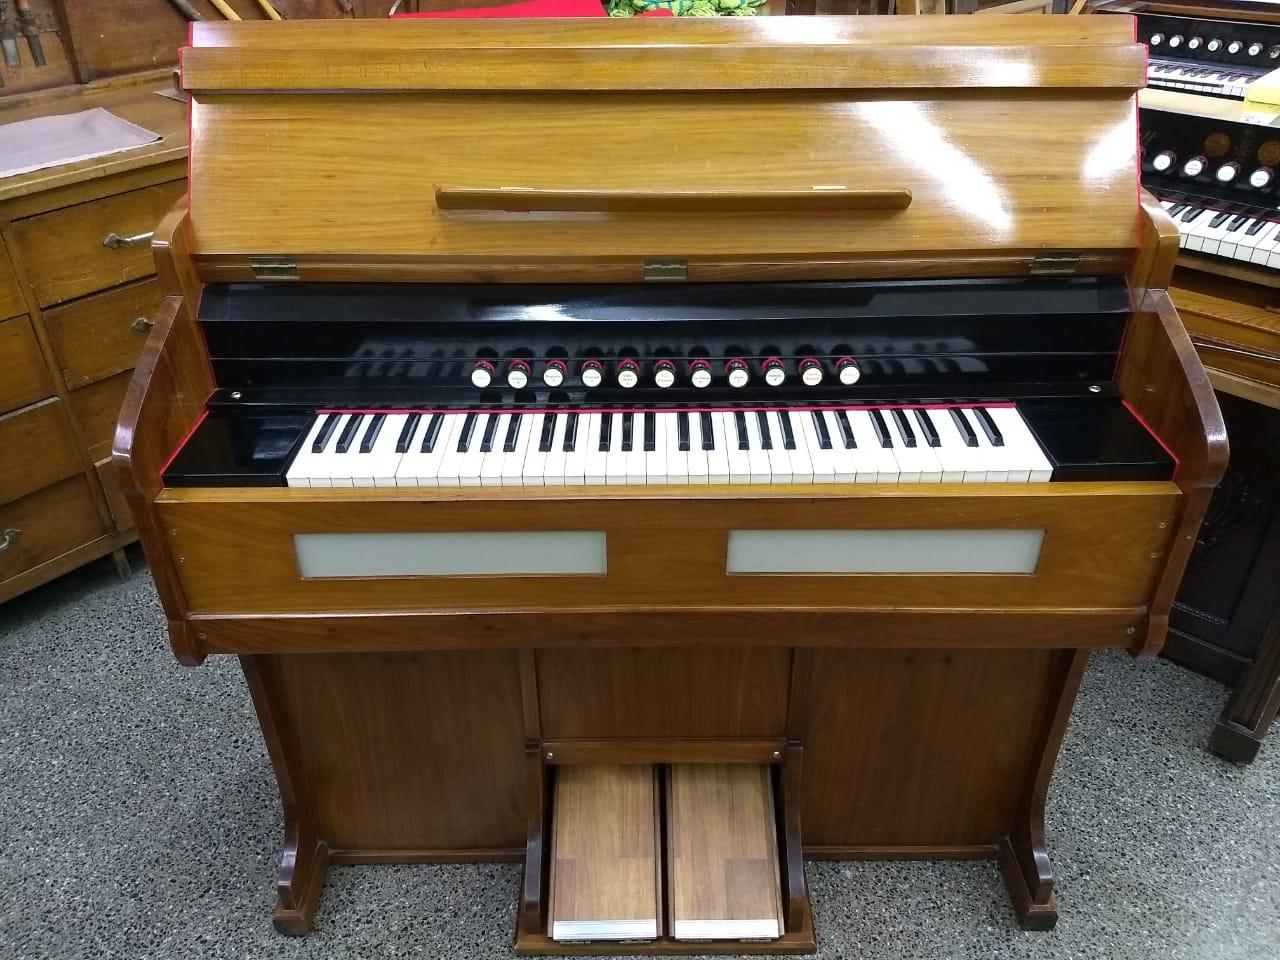 Restauración total de armonio alemán, 11 registros, 3 juegos de voces. Registro de Subbass de 16' en octava inferior. Registro de Vox Celeste 8' en octavas superiores